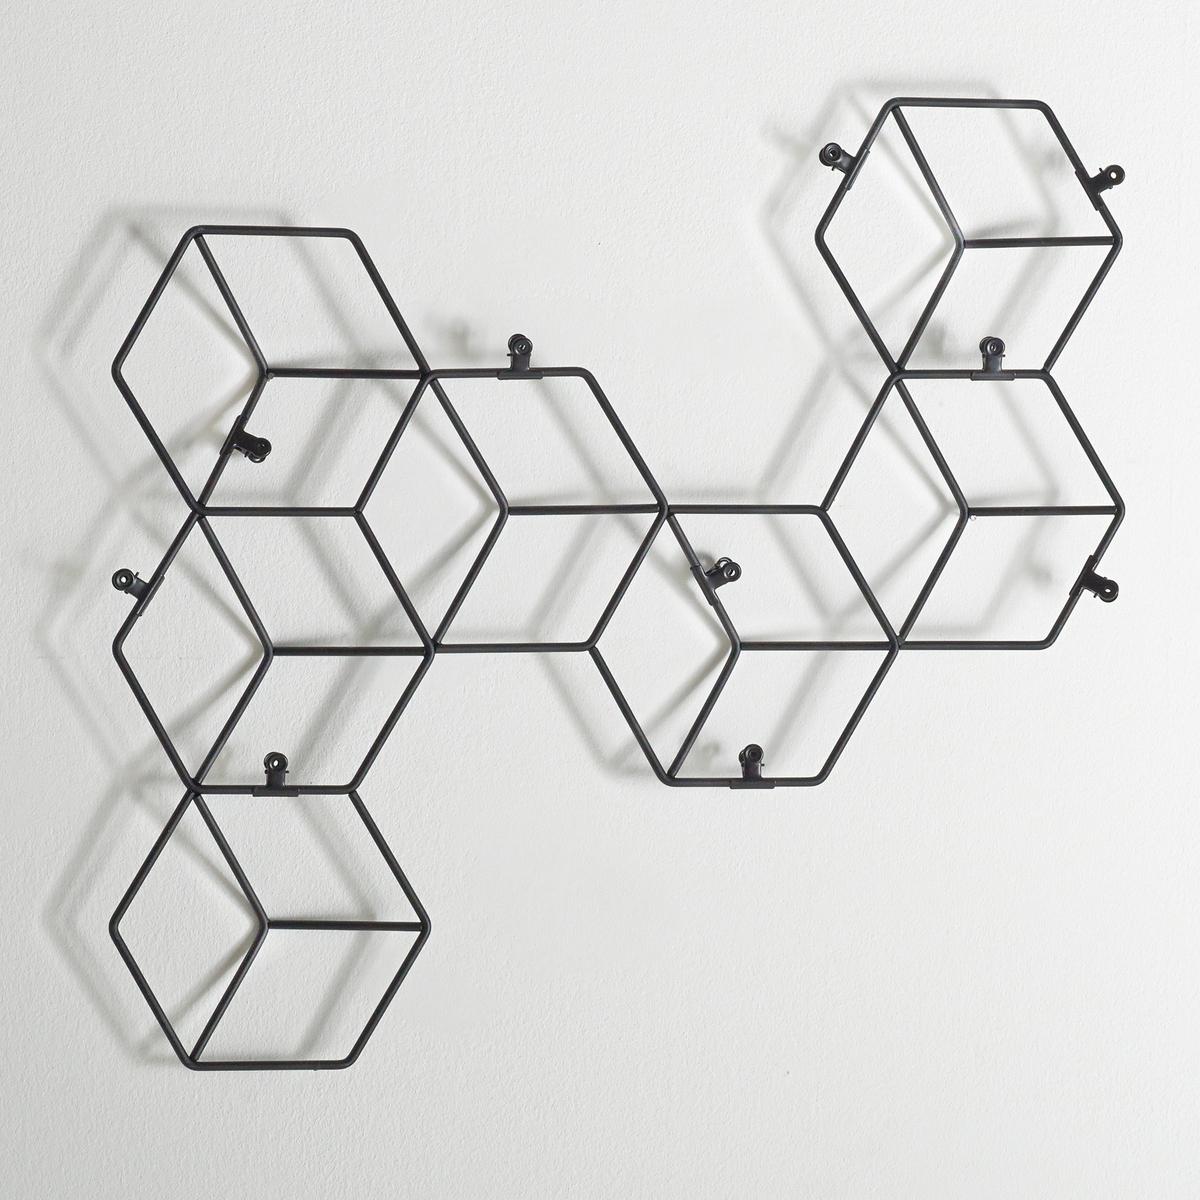 Держатель, Ranza.Характеристики держателя Ranza : Из металла с чёрным эпоксидным покрытием.10  крючков-зажимов чёрного цвета.Размеры держателя: Д82 x В52,5 x Г3,2 см.<br><br>Цвет: черный